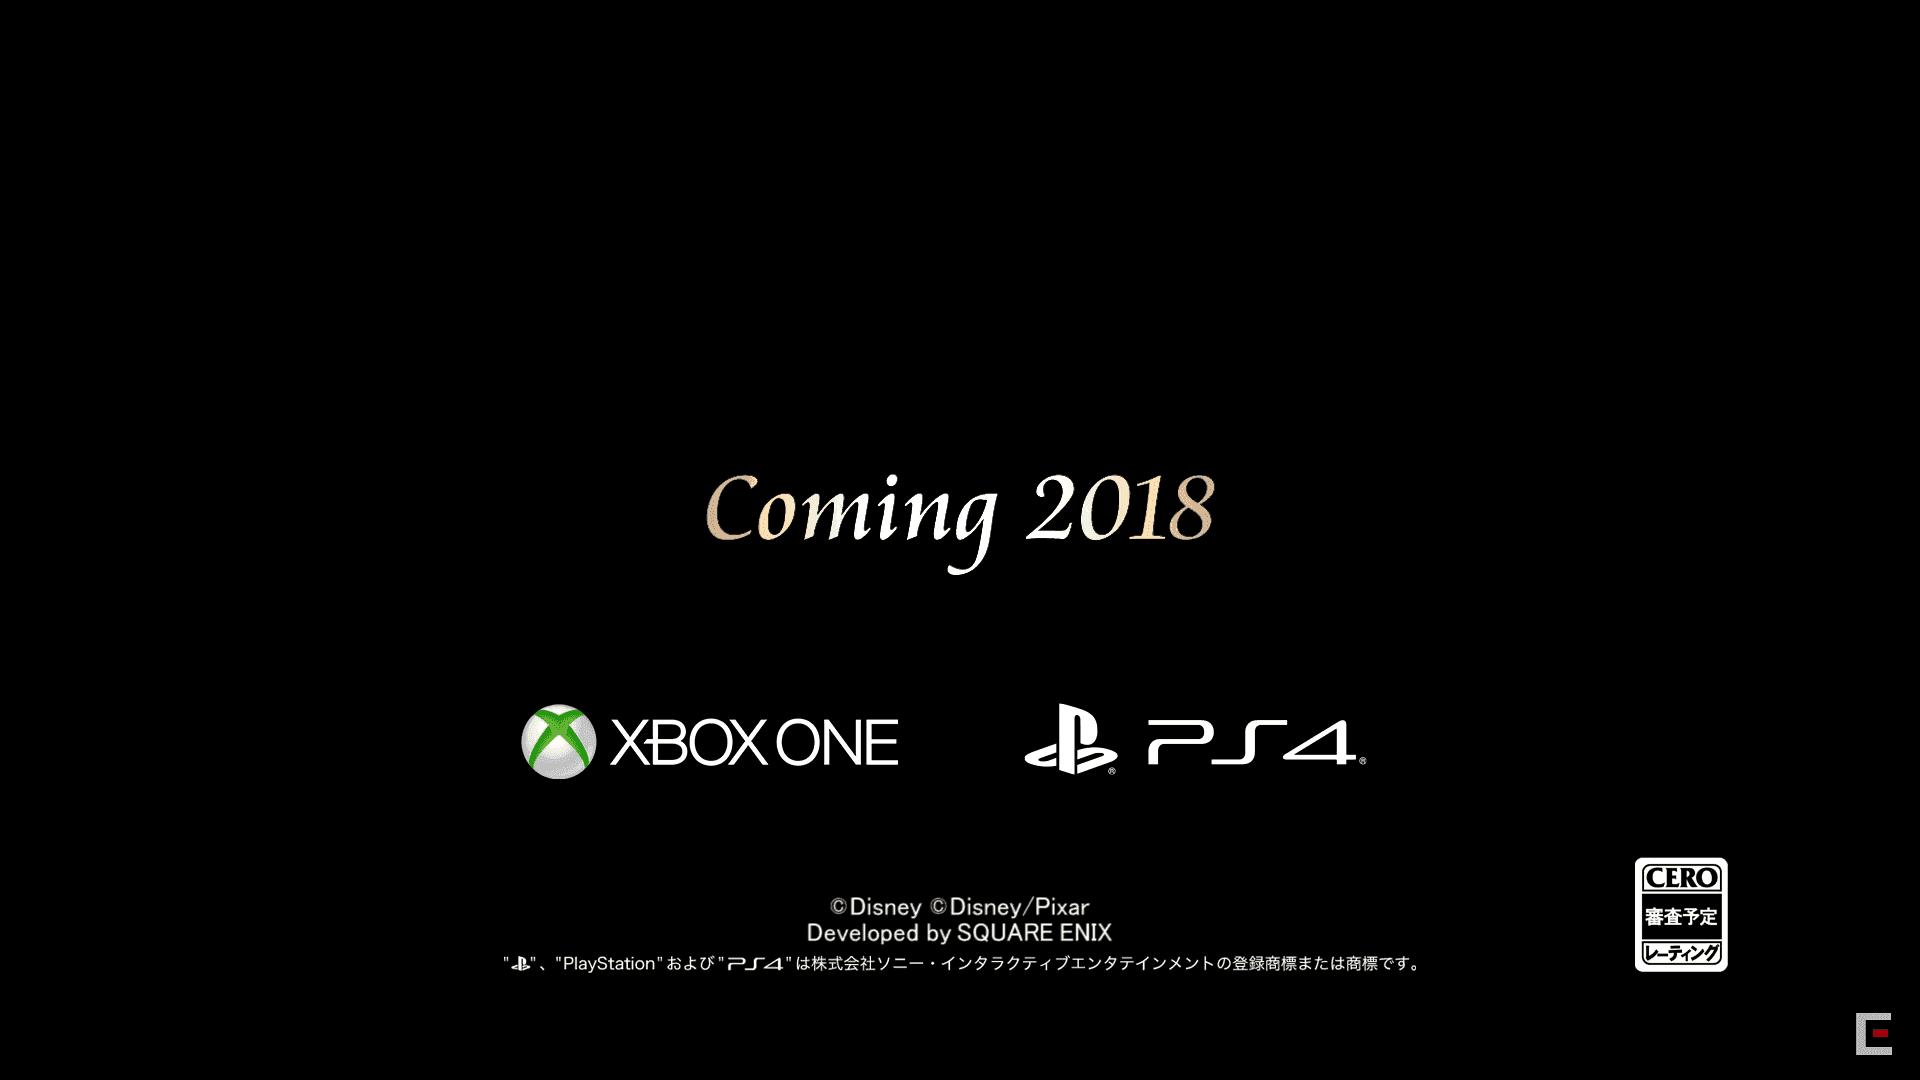 Kingdom Hearts 3 2018 release date